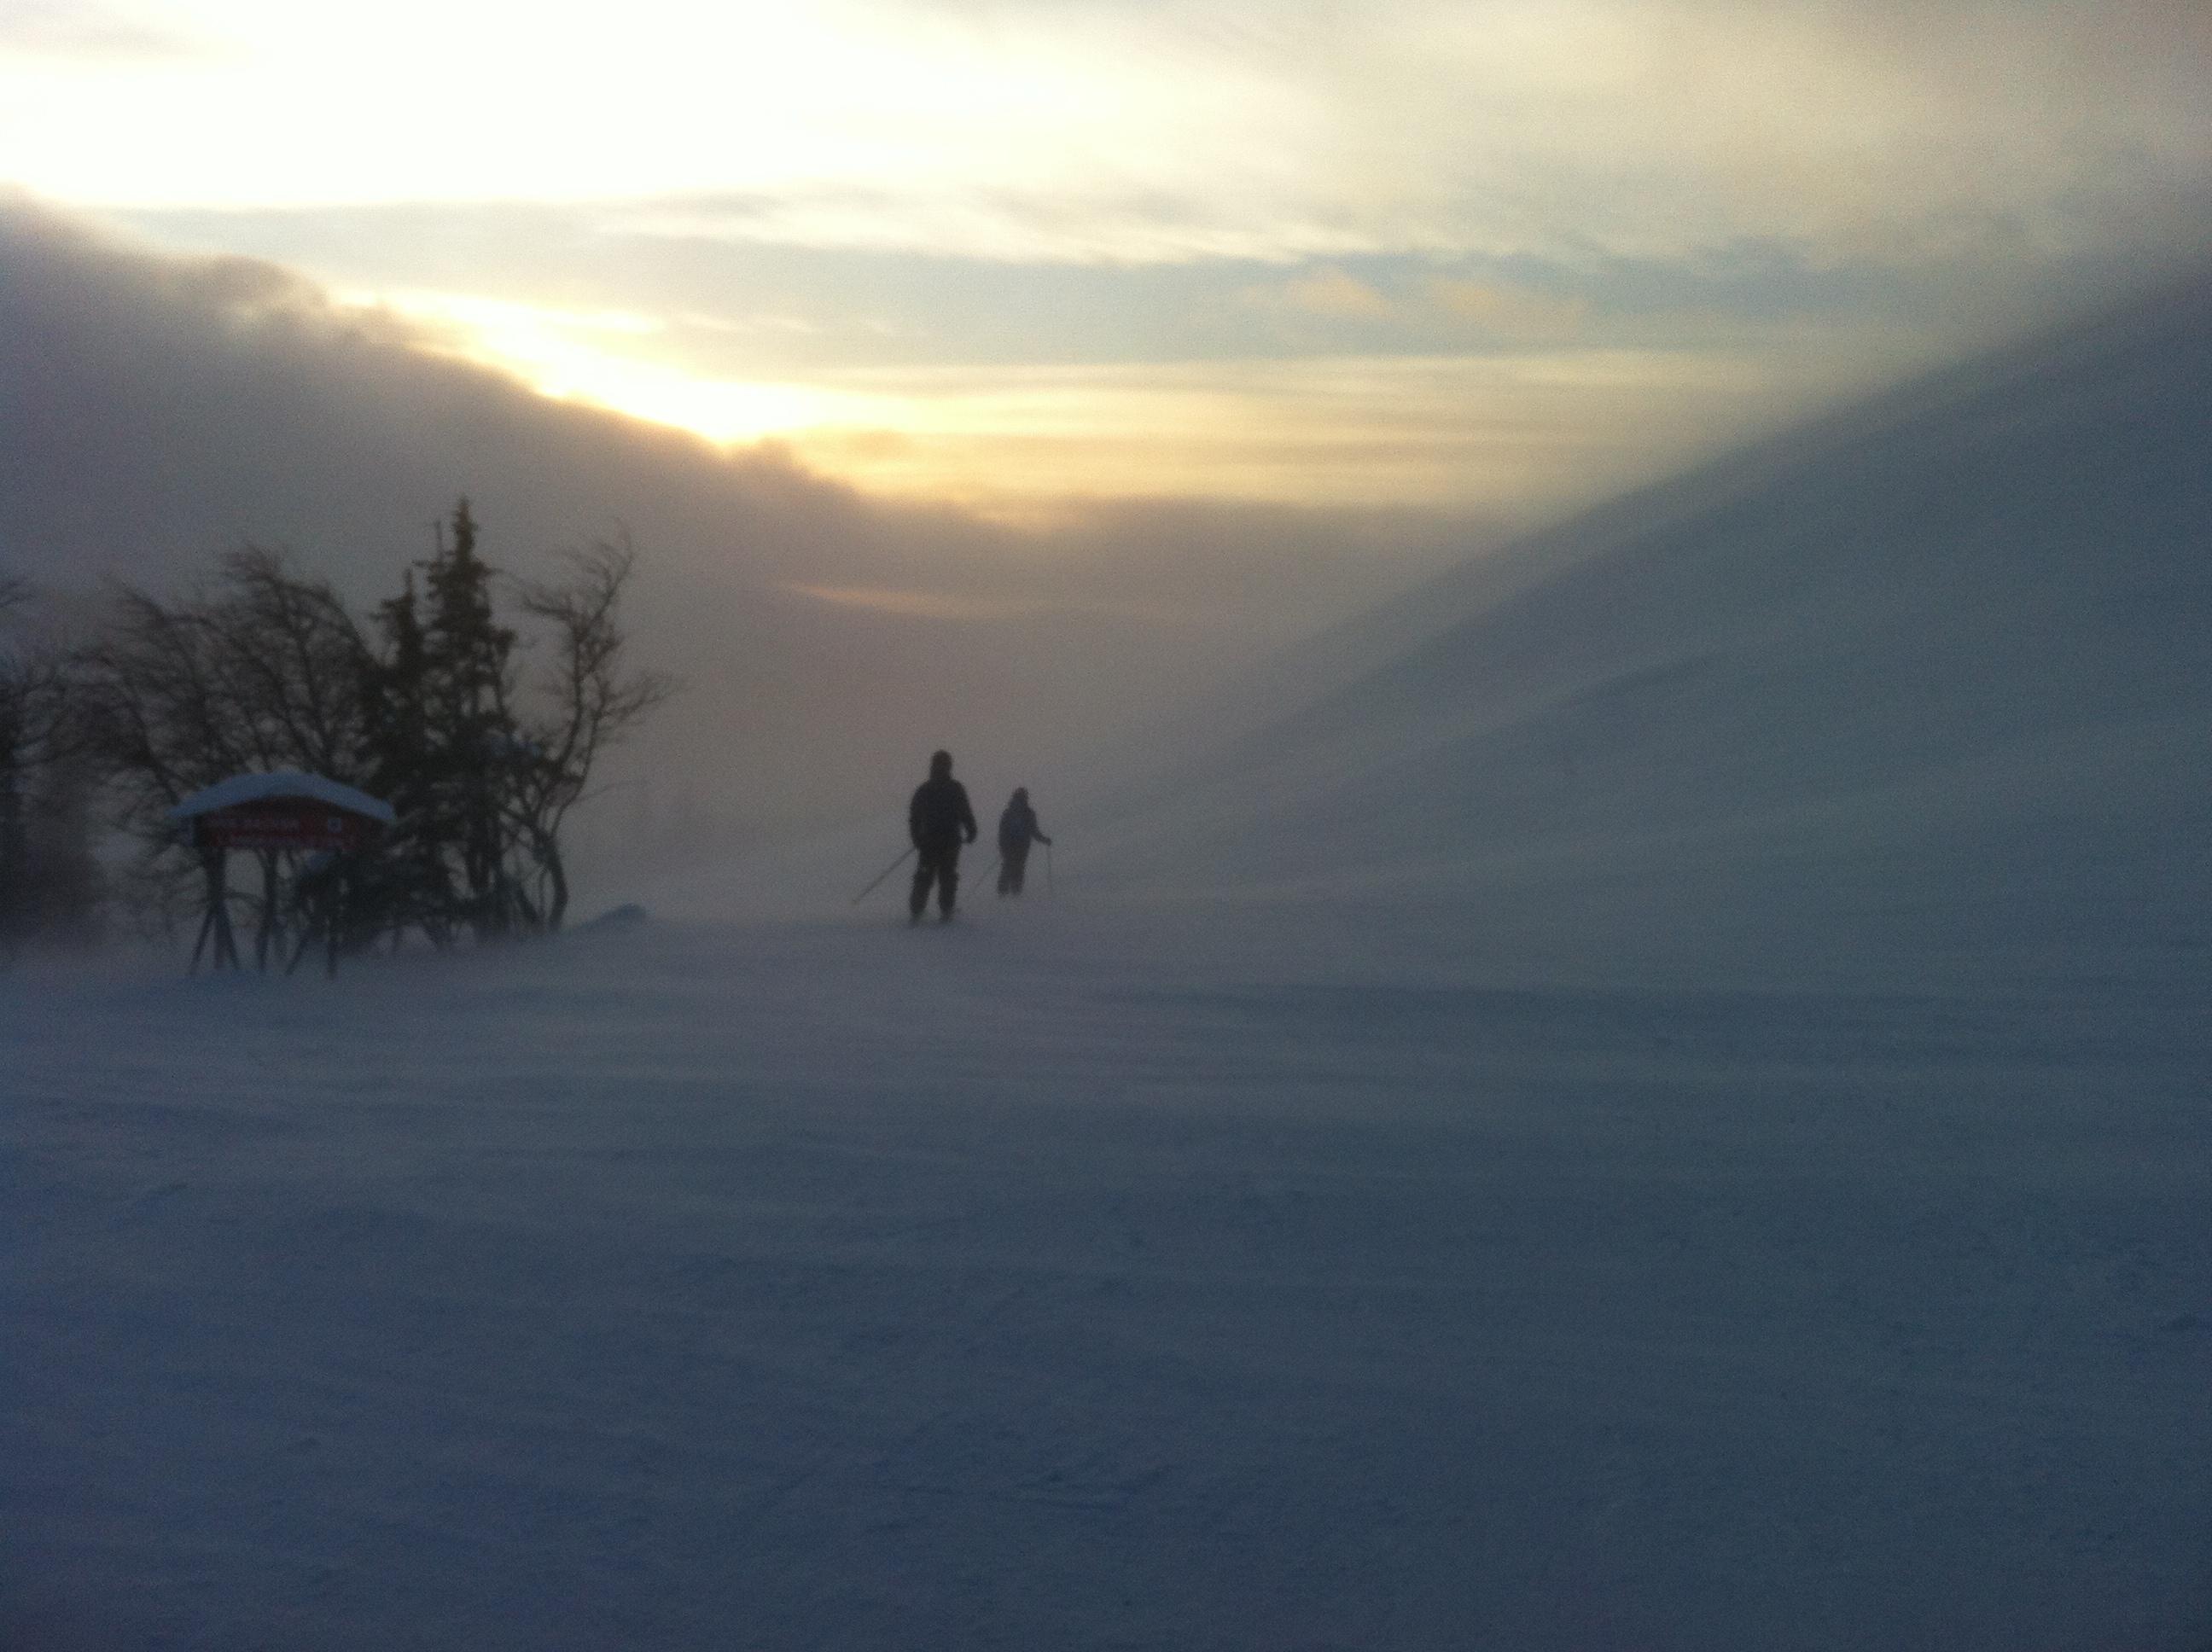 Bydalen slalombacken